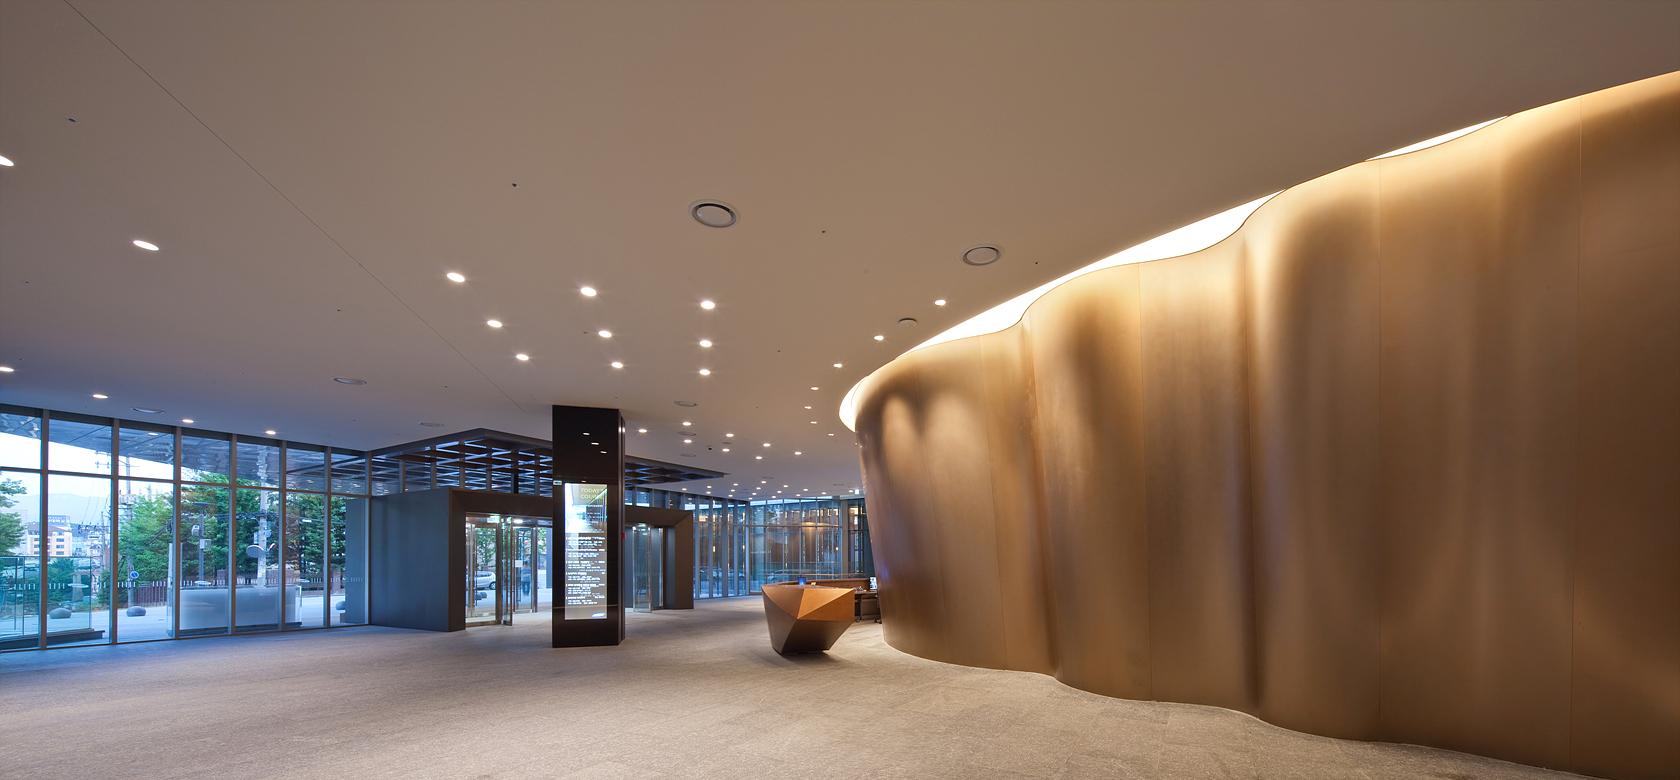 samsung finance center